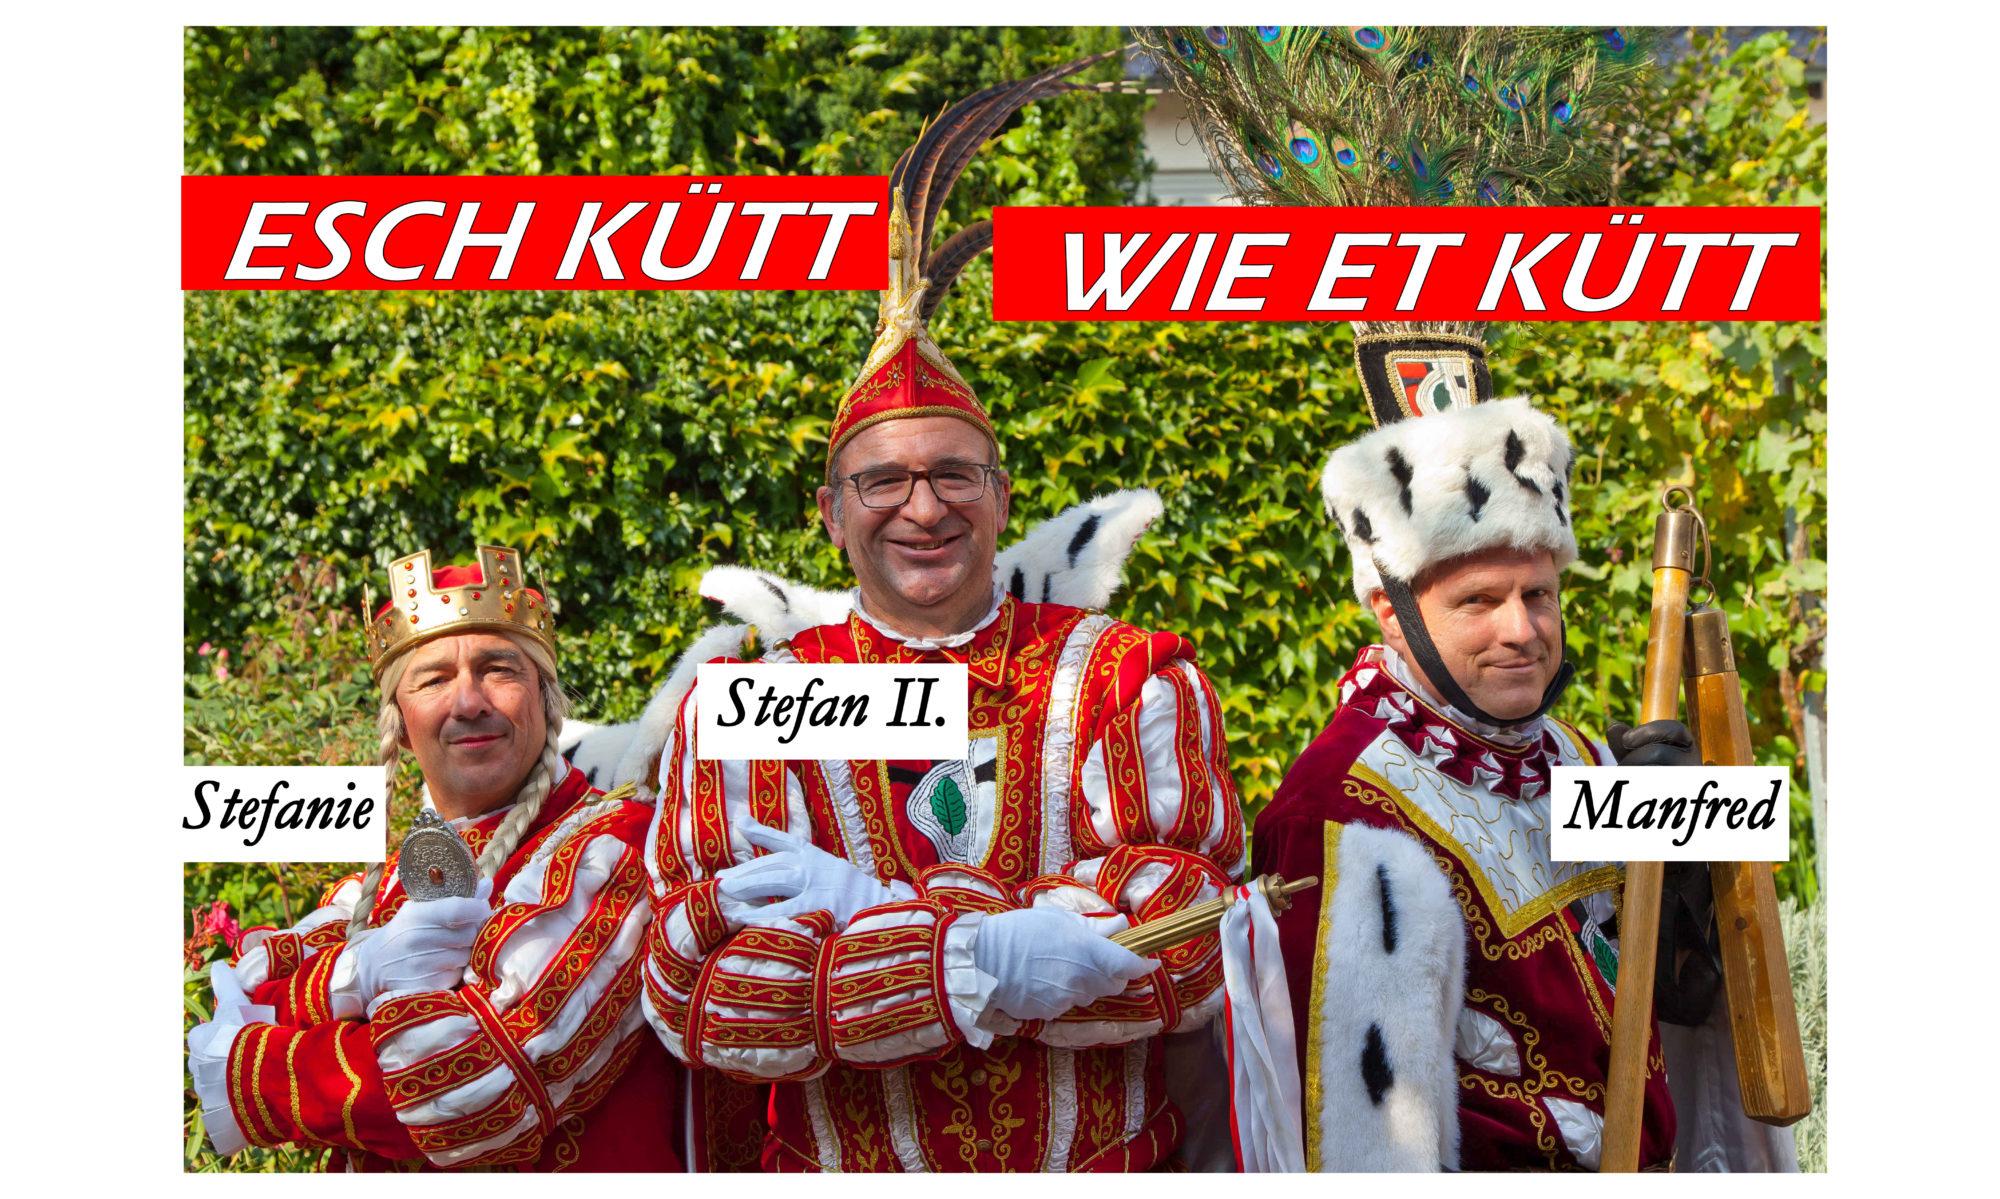 """Esch kütt wie et kütt > Seite 3 von 6 > Escher Dreigestirn"""" title=""""Esch kütt wie et kütt > Seite 3 von 6 > Escher Dreigestirn""""><br />Esch kütt wie et kütt > Seite 3 von 6 > Escher Dreigestirn<br /><img src="""